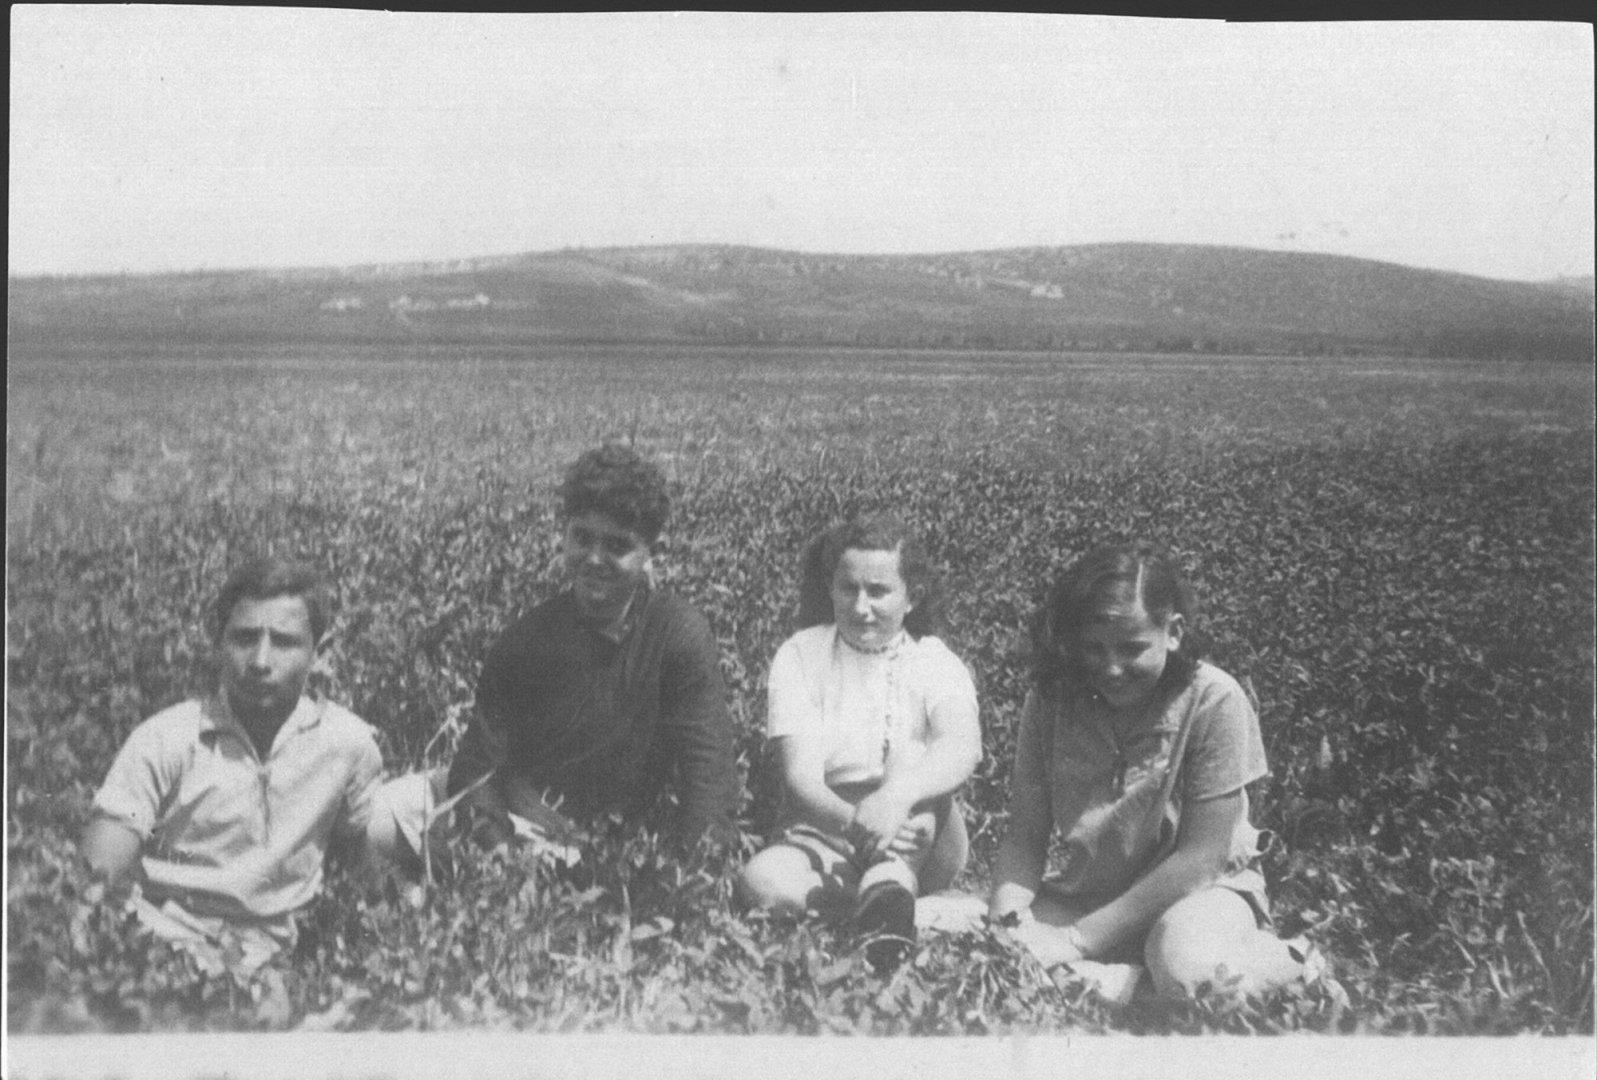 158 00391098 tif   בשדות נהלל 1939 עם עמוס הדר ועוד